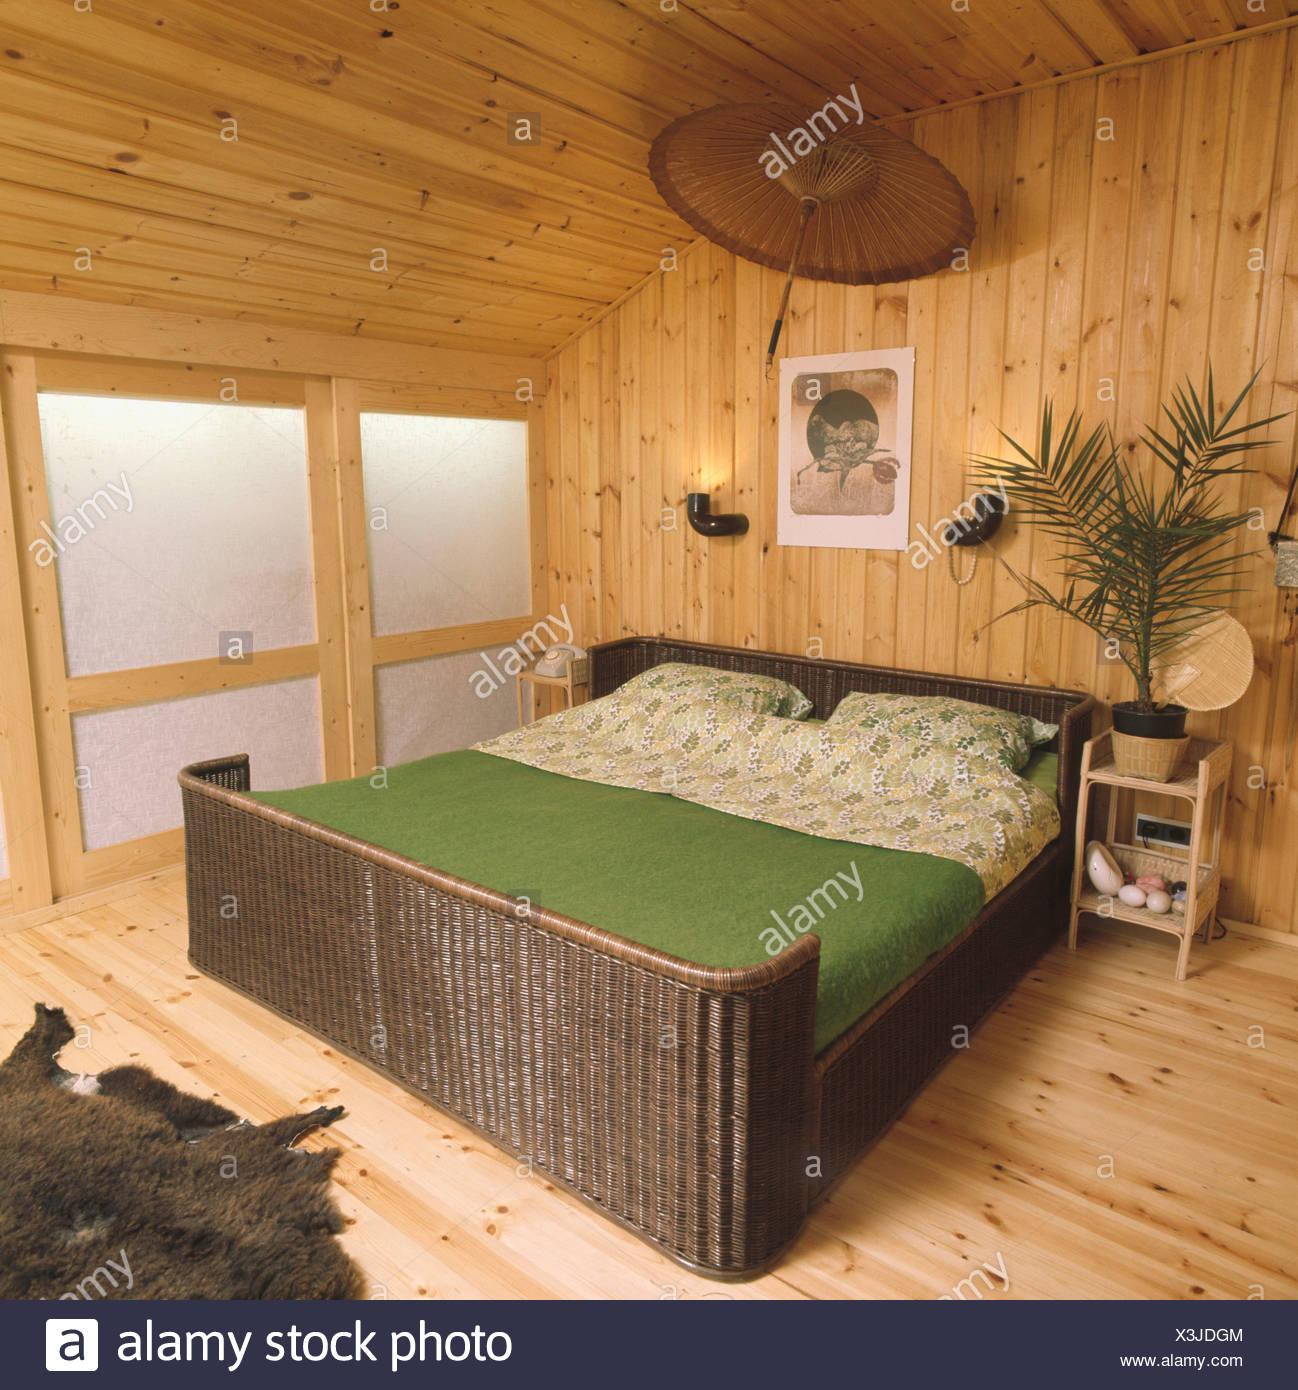 couvercle en osier vert sur lit de 70 chambre avec lambris et